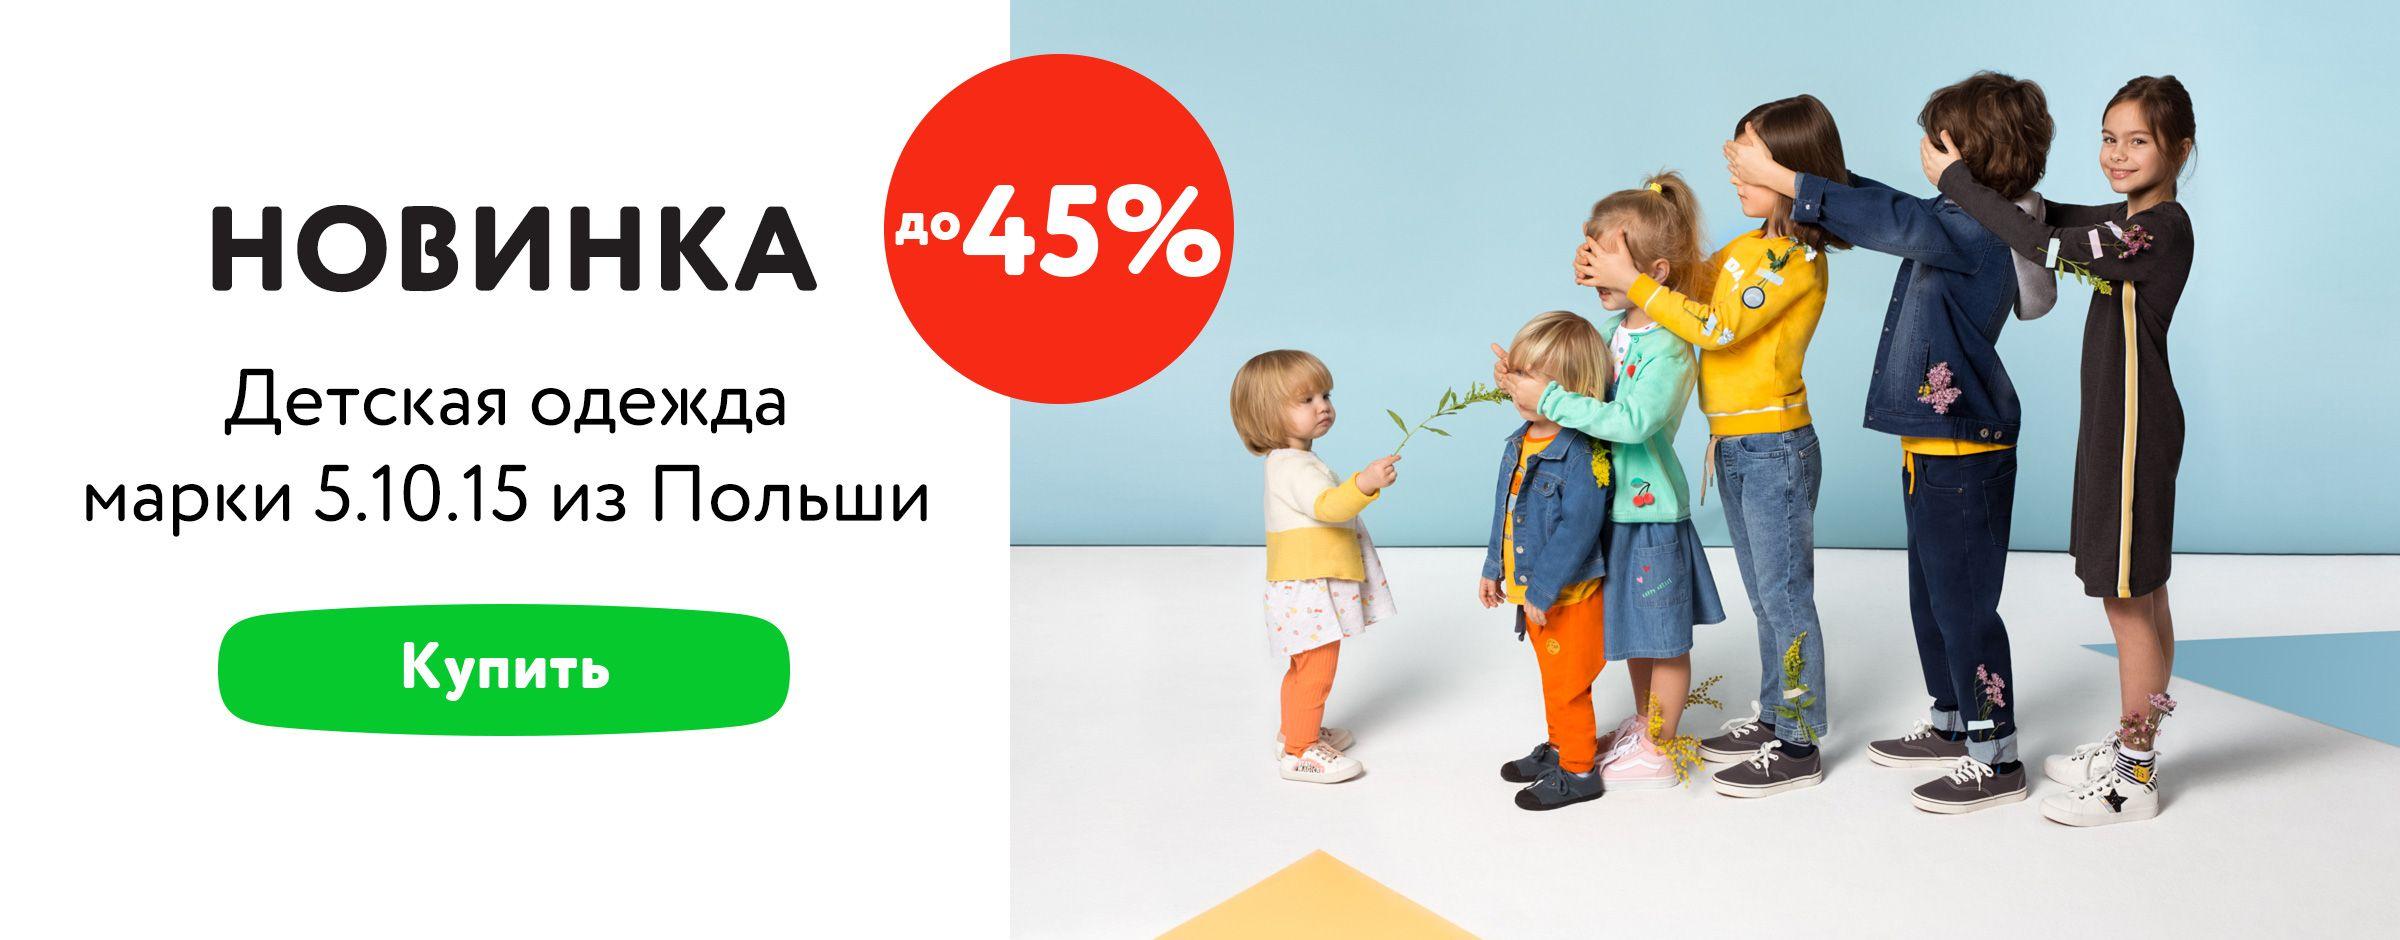 Скидка до 45% на все товары бренда 5.10.15